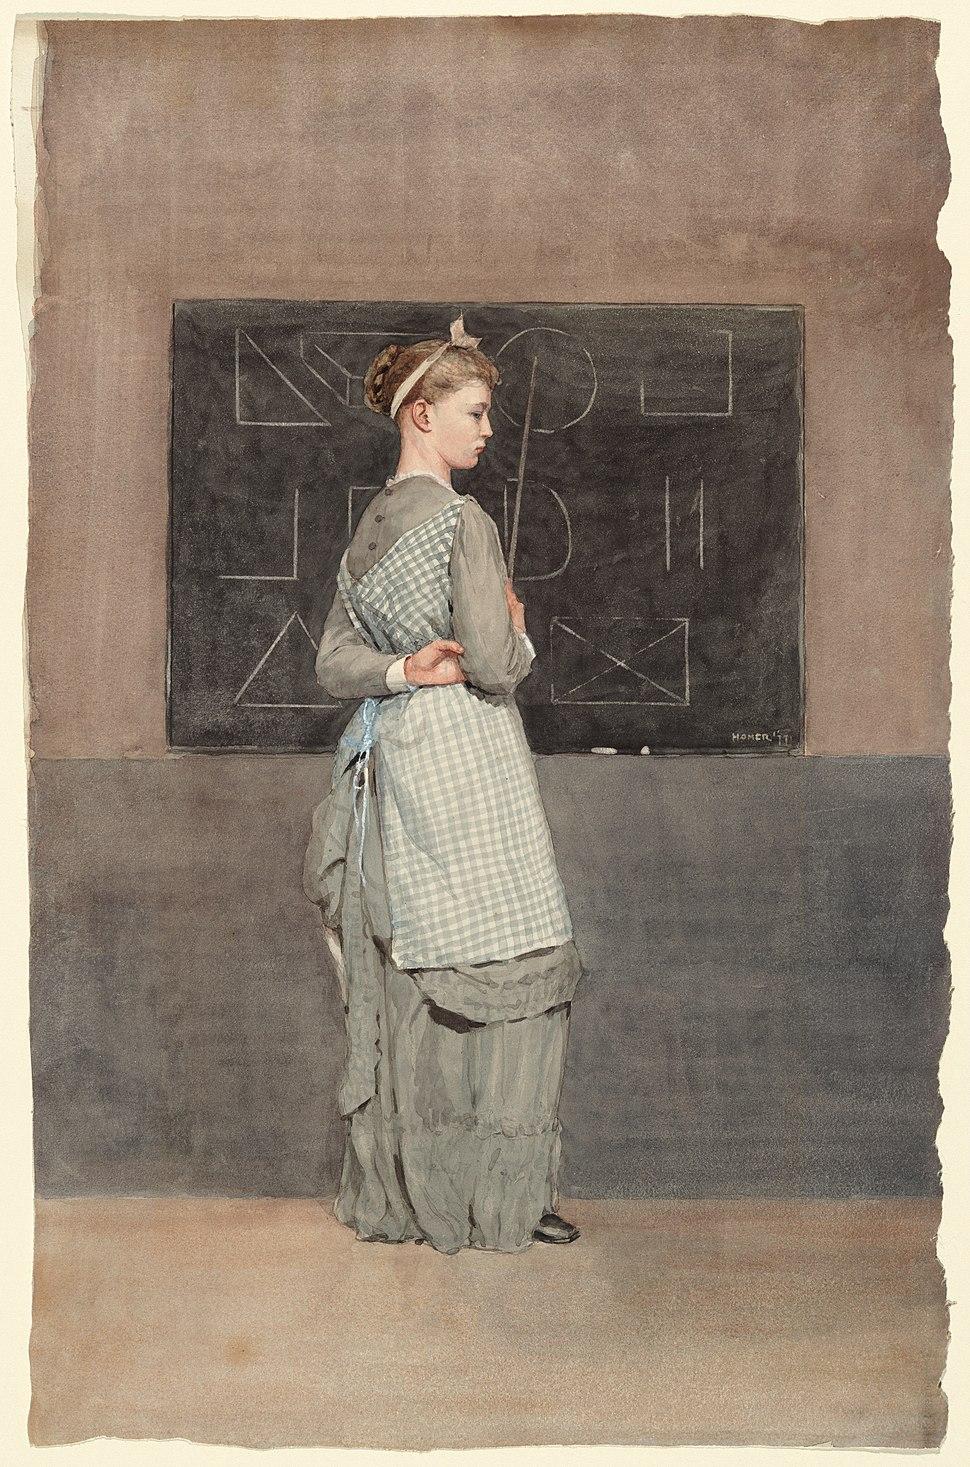 Winslow Homer - Blackboard (1877)